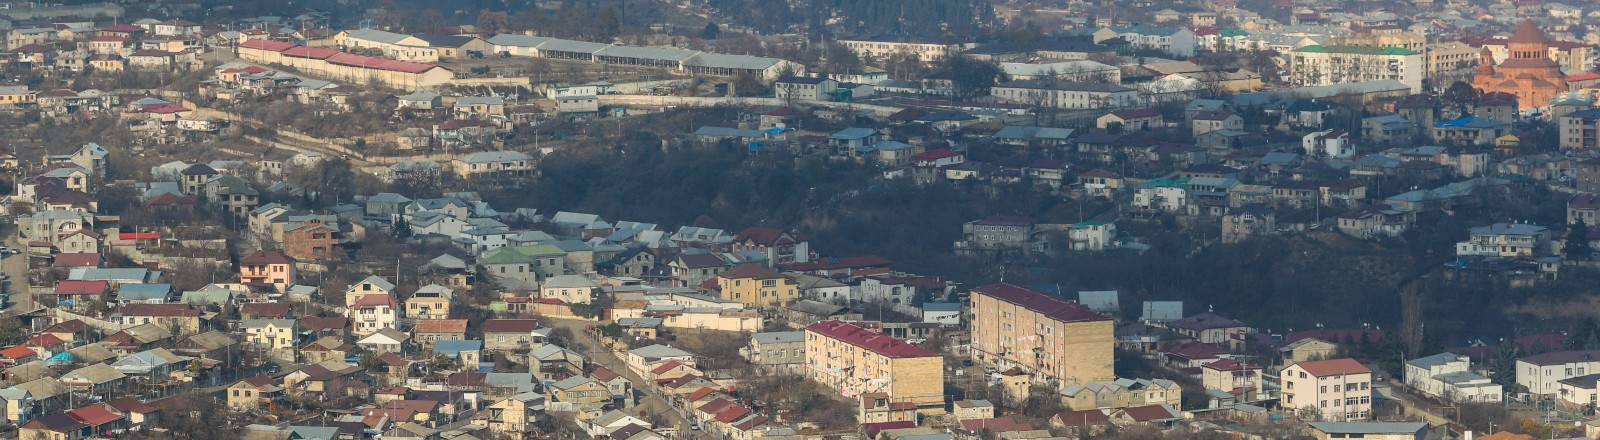 Blick auf Stepanakert, der Hauptstadt der Republik Arzach.